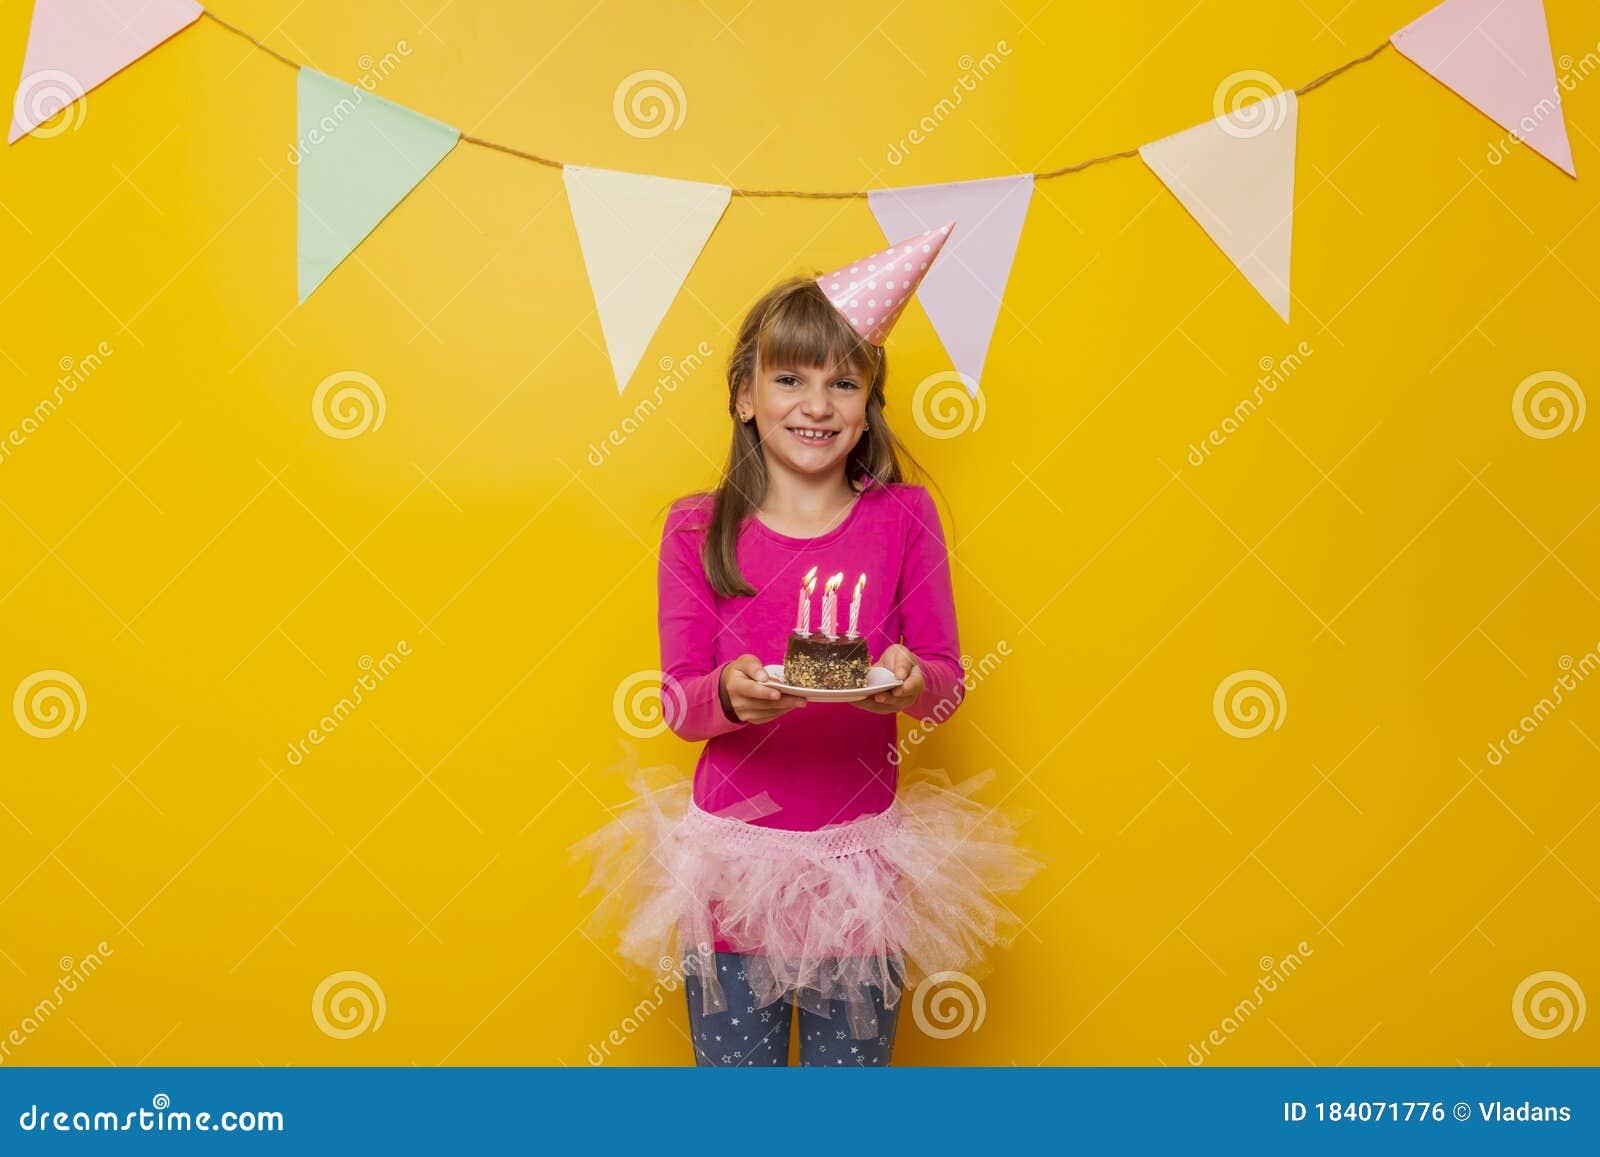 10 Doityourself Birthday Cakes For Little Girls